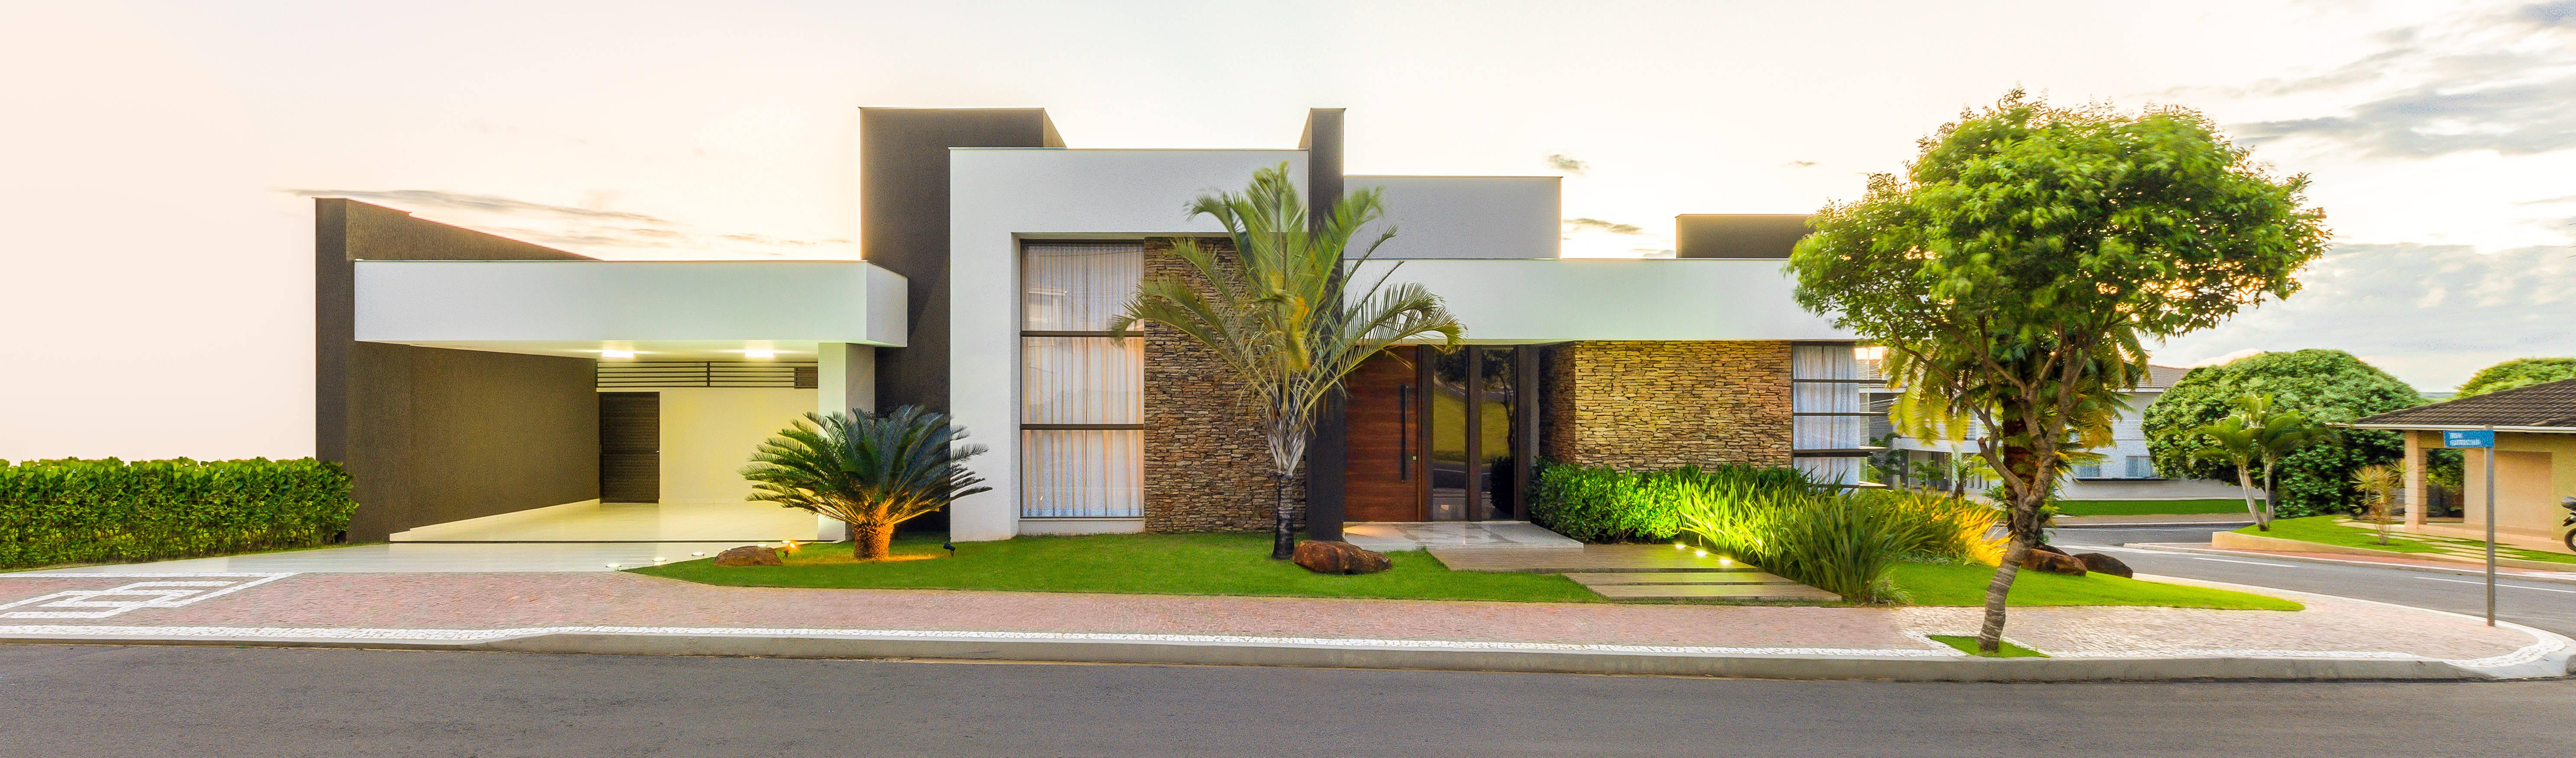 Chris Brasil Arquitetura e Interiores